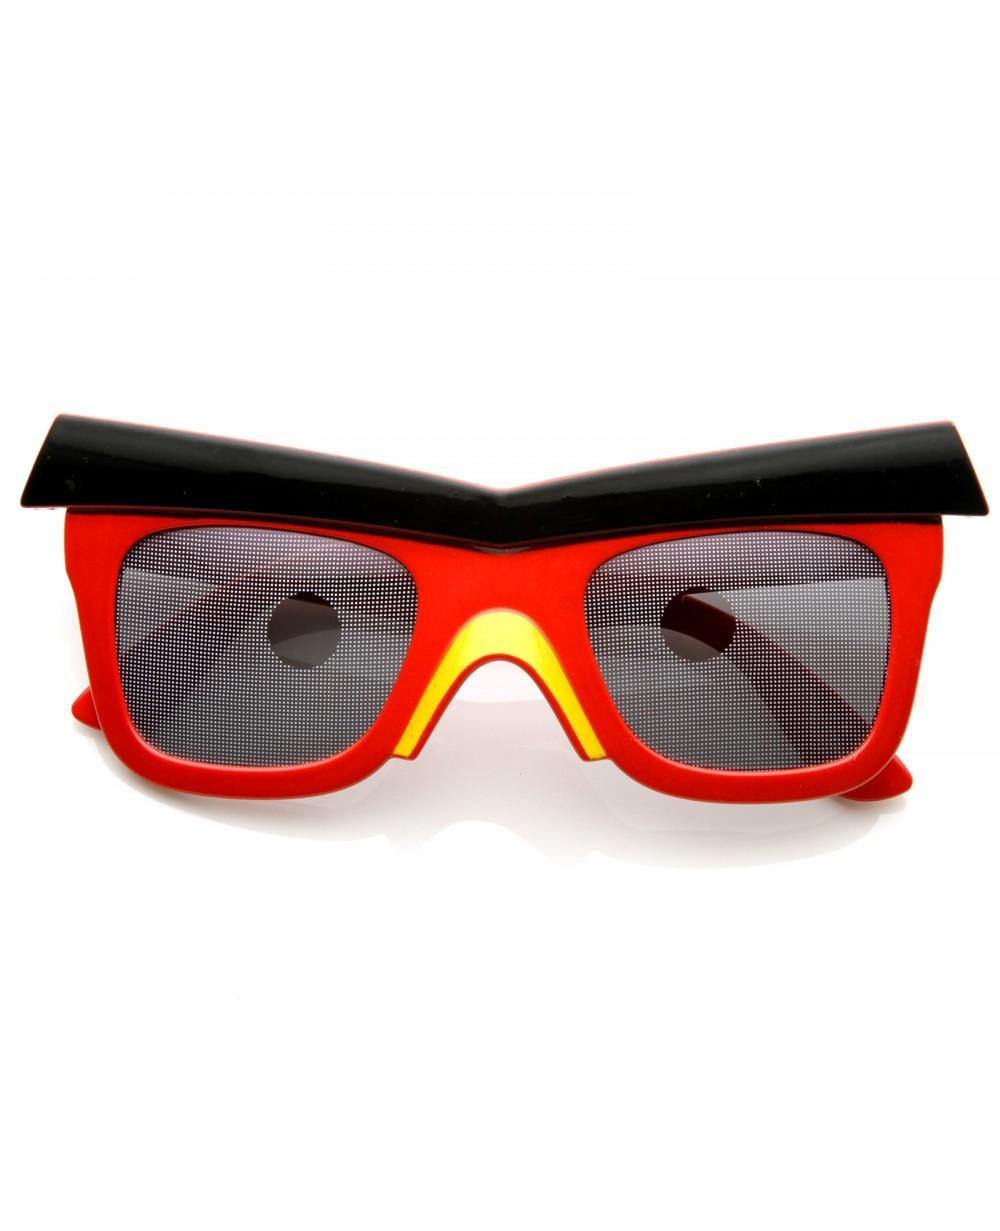 Beak-Sunglasses 12 Unusual Sunglasses trends in 2018